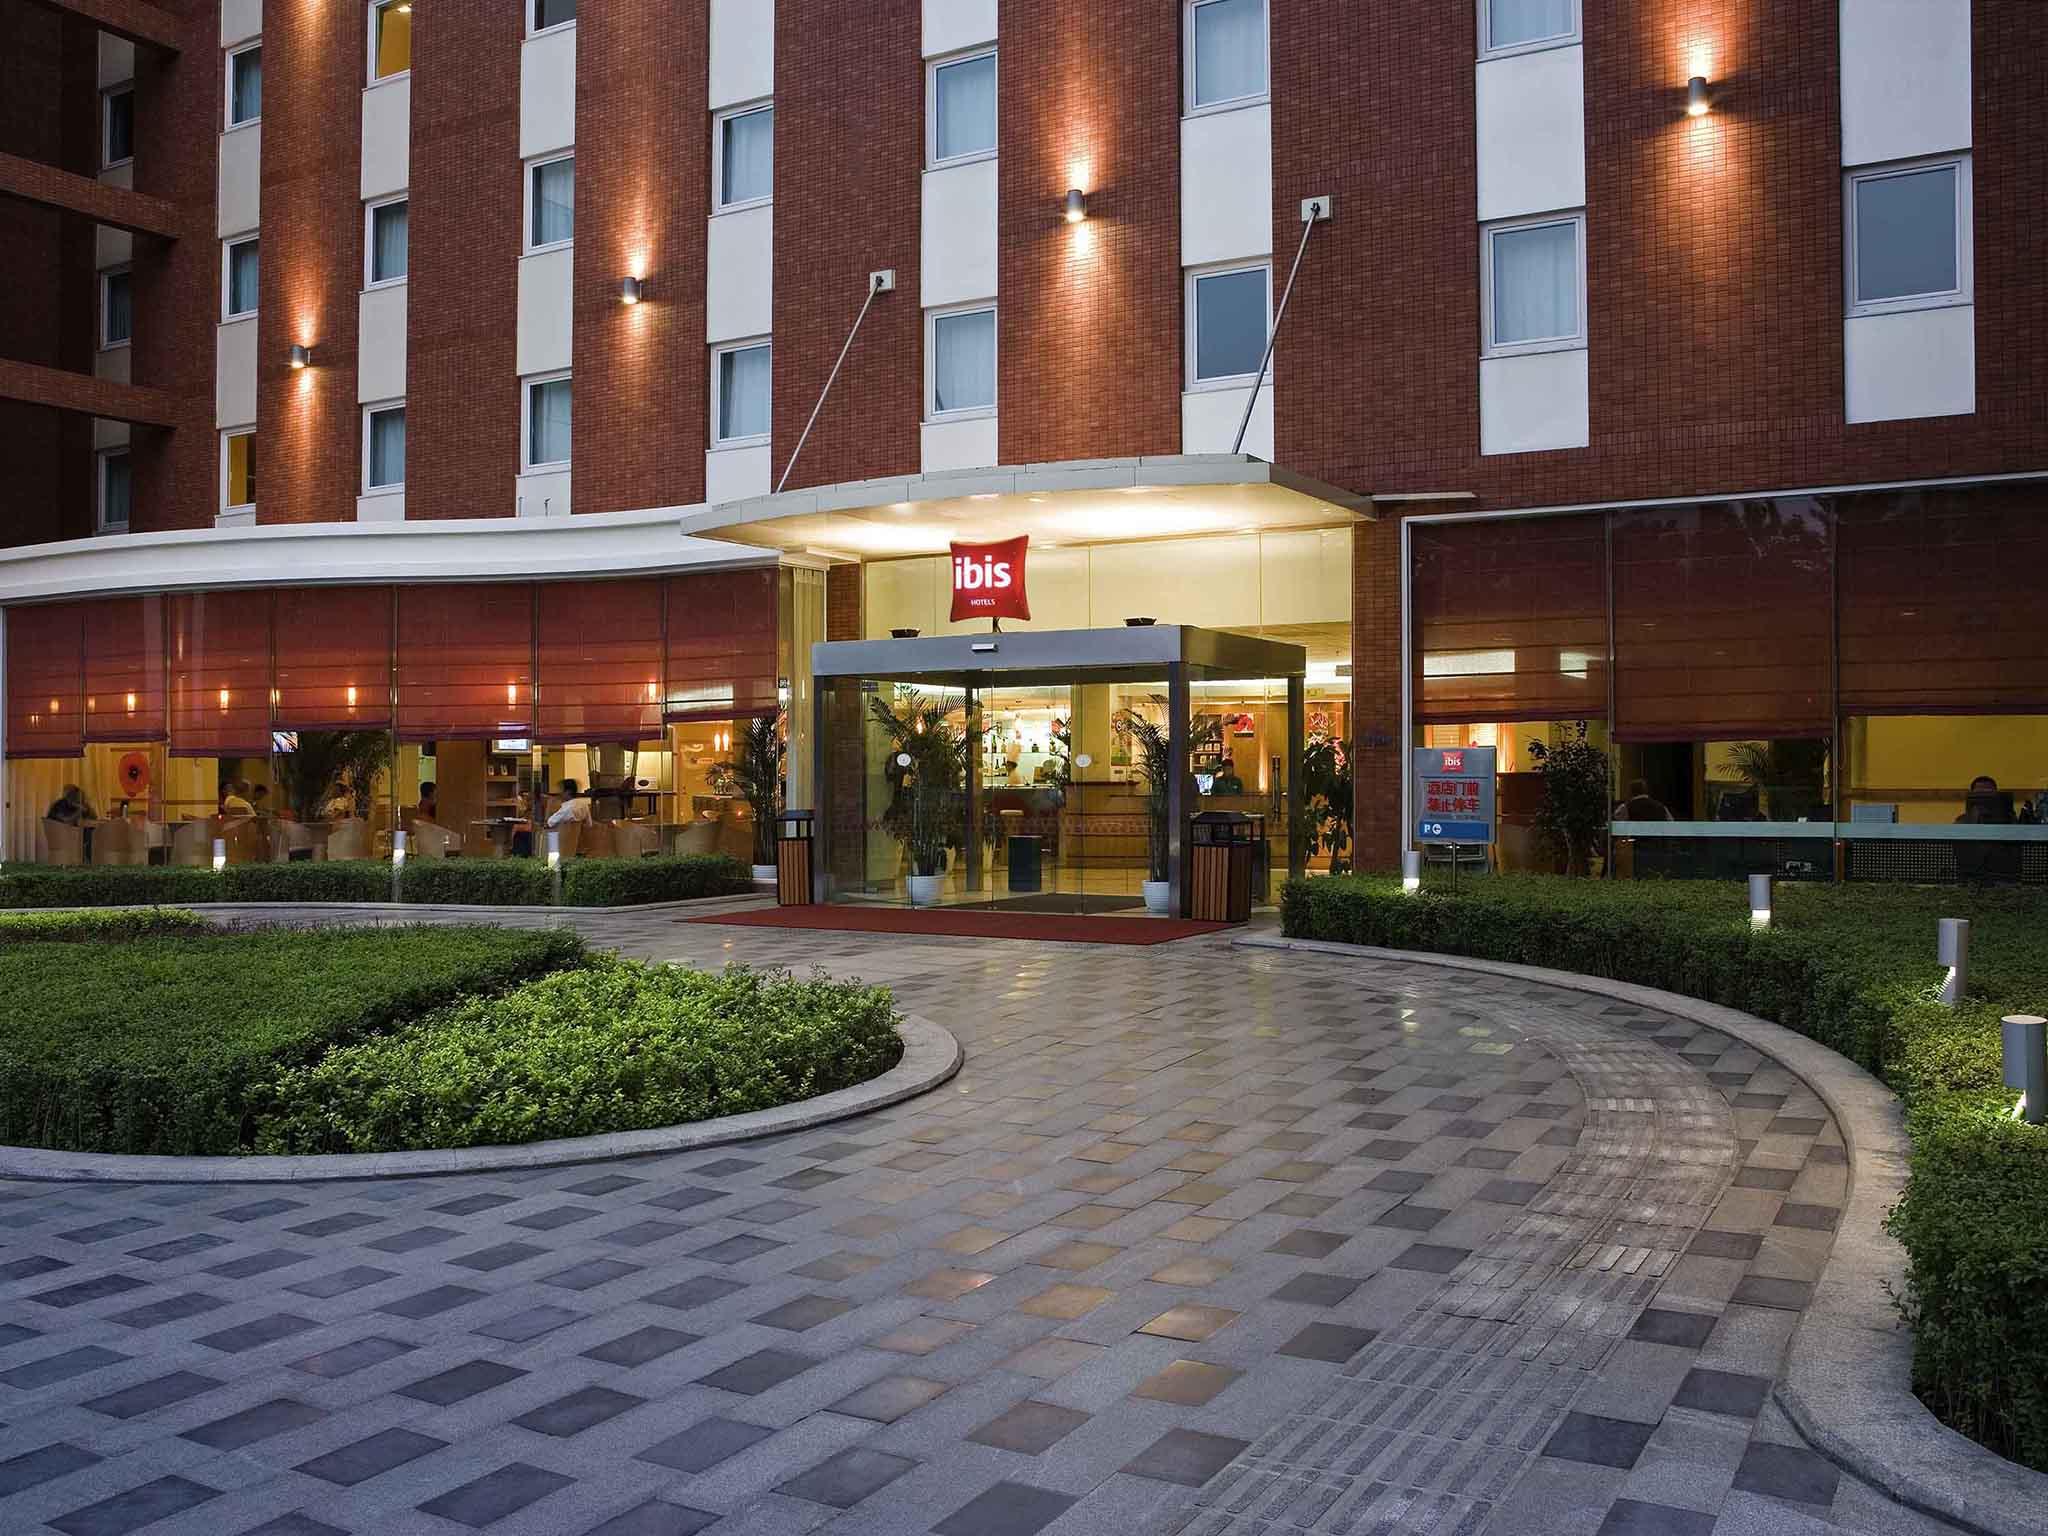 호텔 – 이비스 청두 융펑